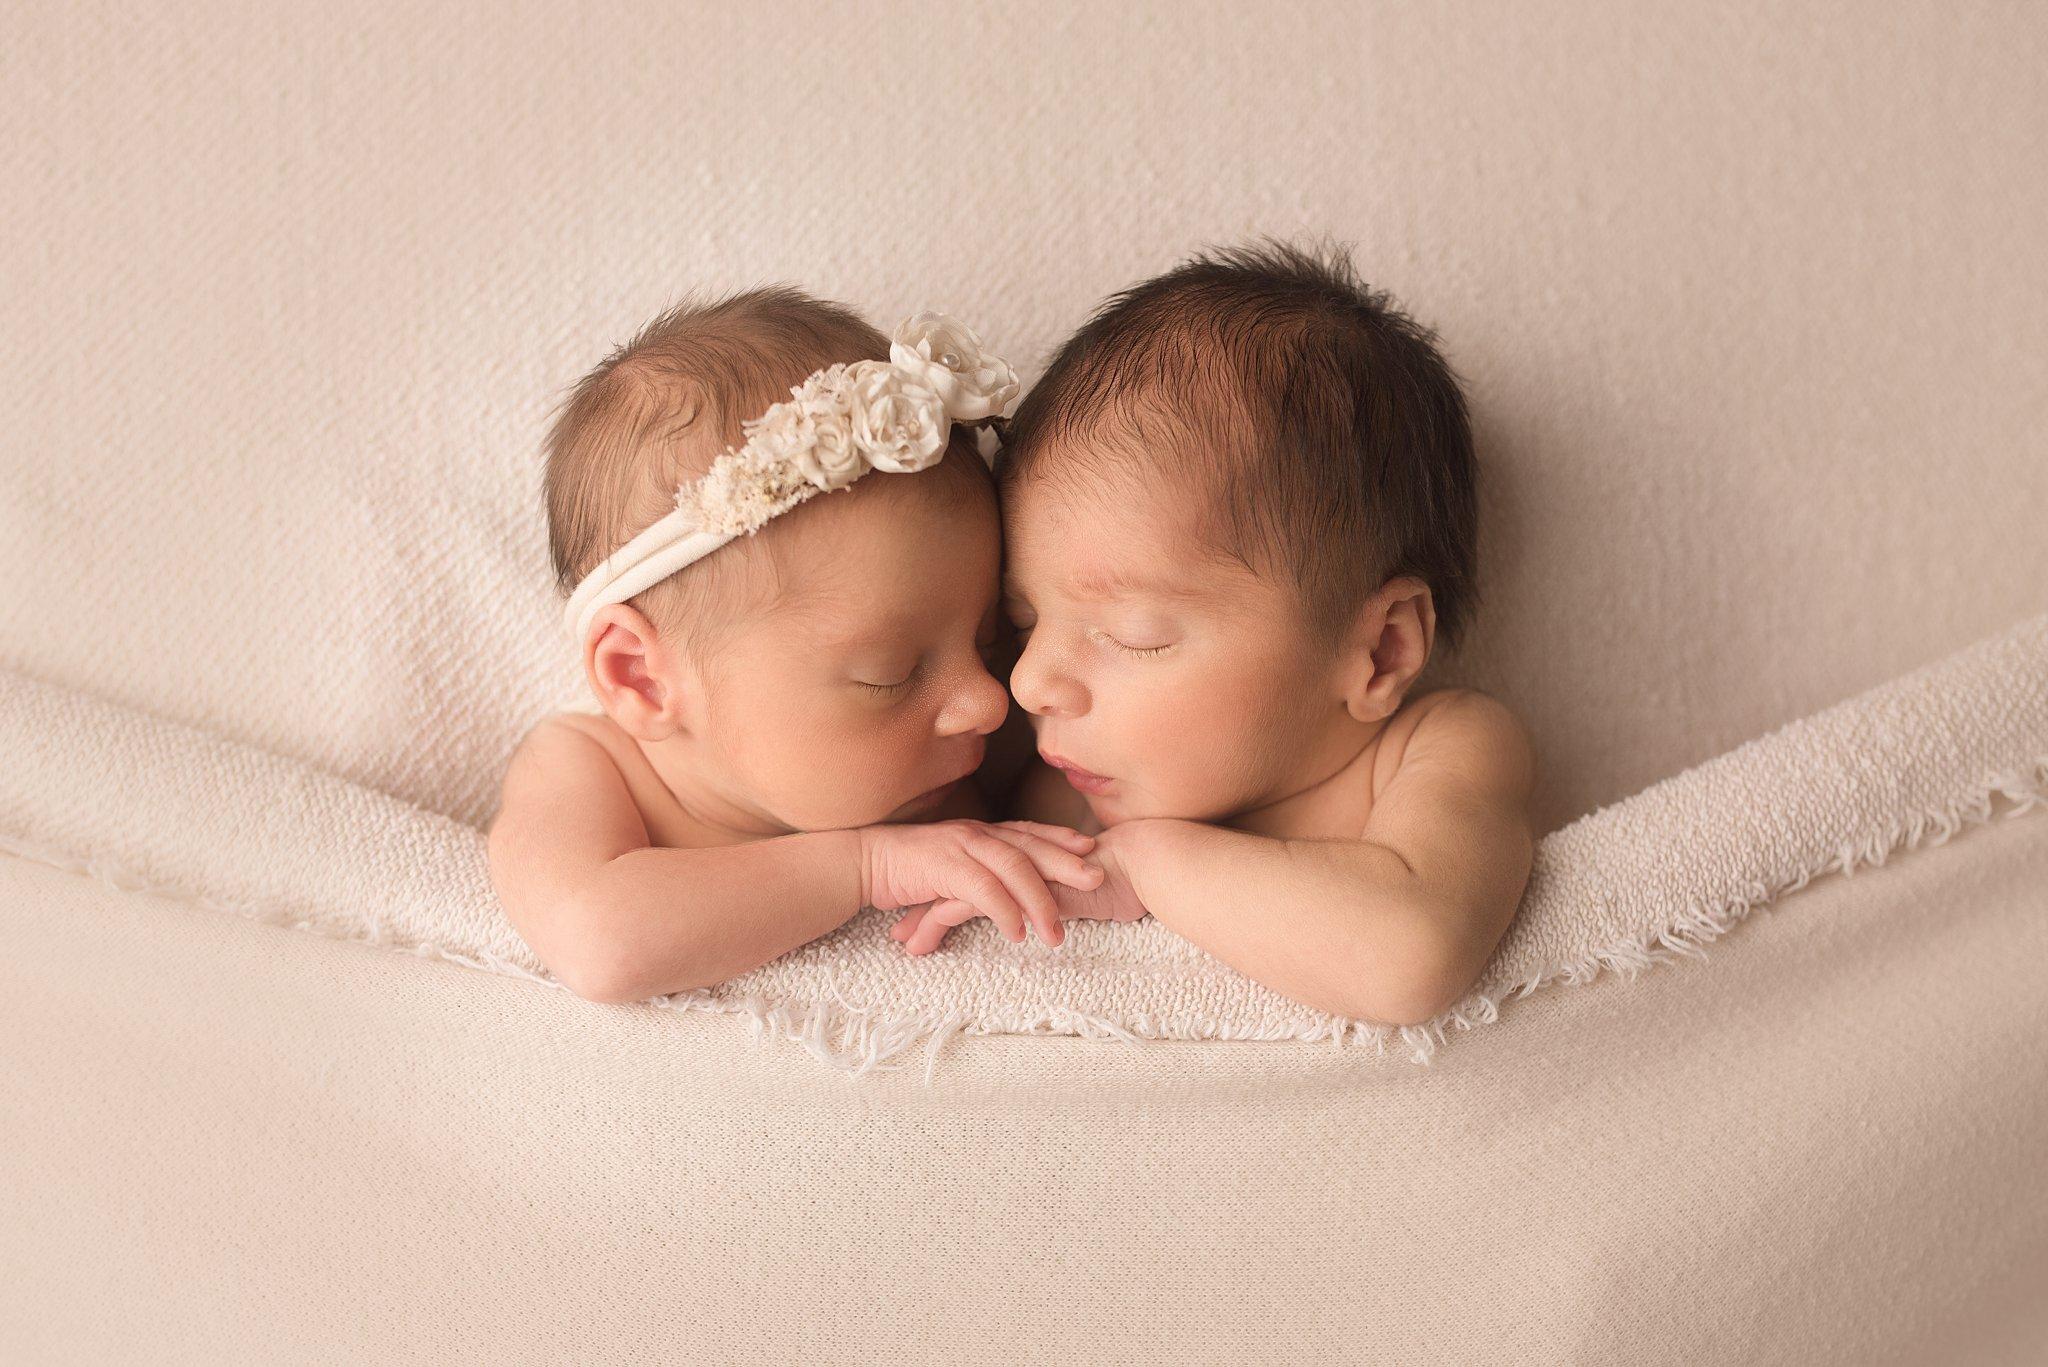 newbornphotographer-columbusohio_0007.jpg